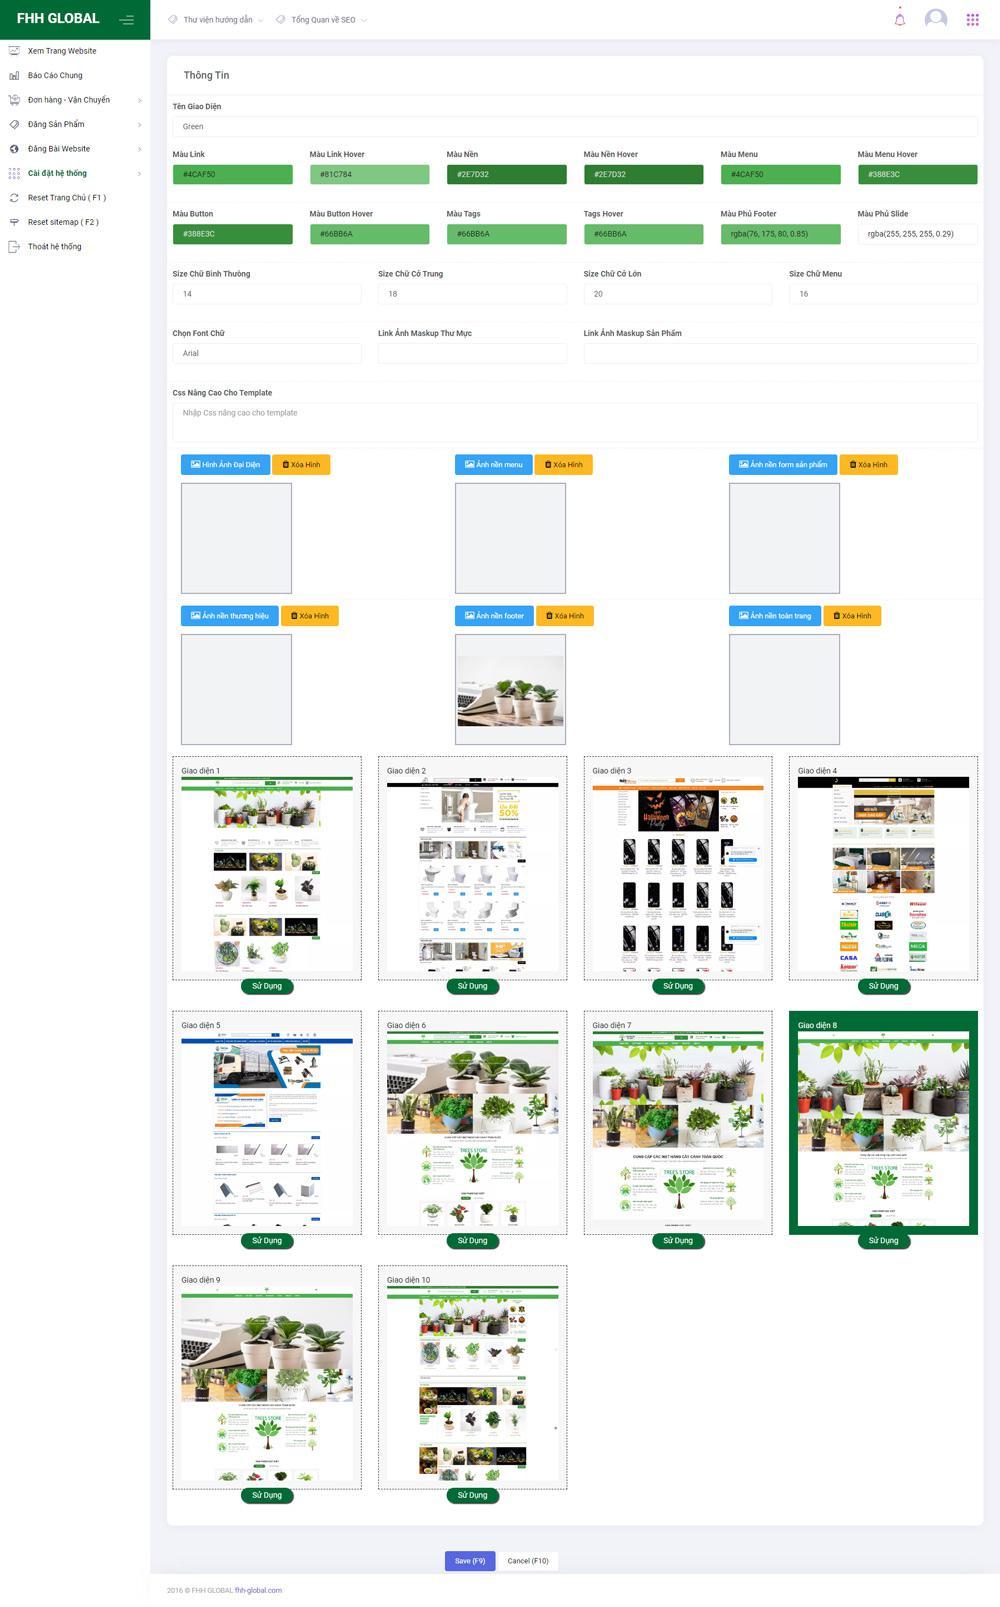 Thiết kế, tùy chỉnh giao diện dễ dàng